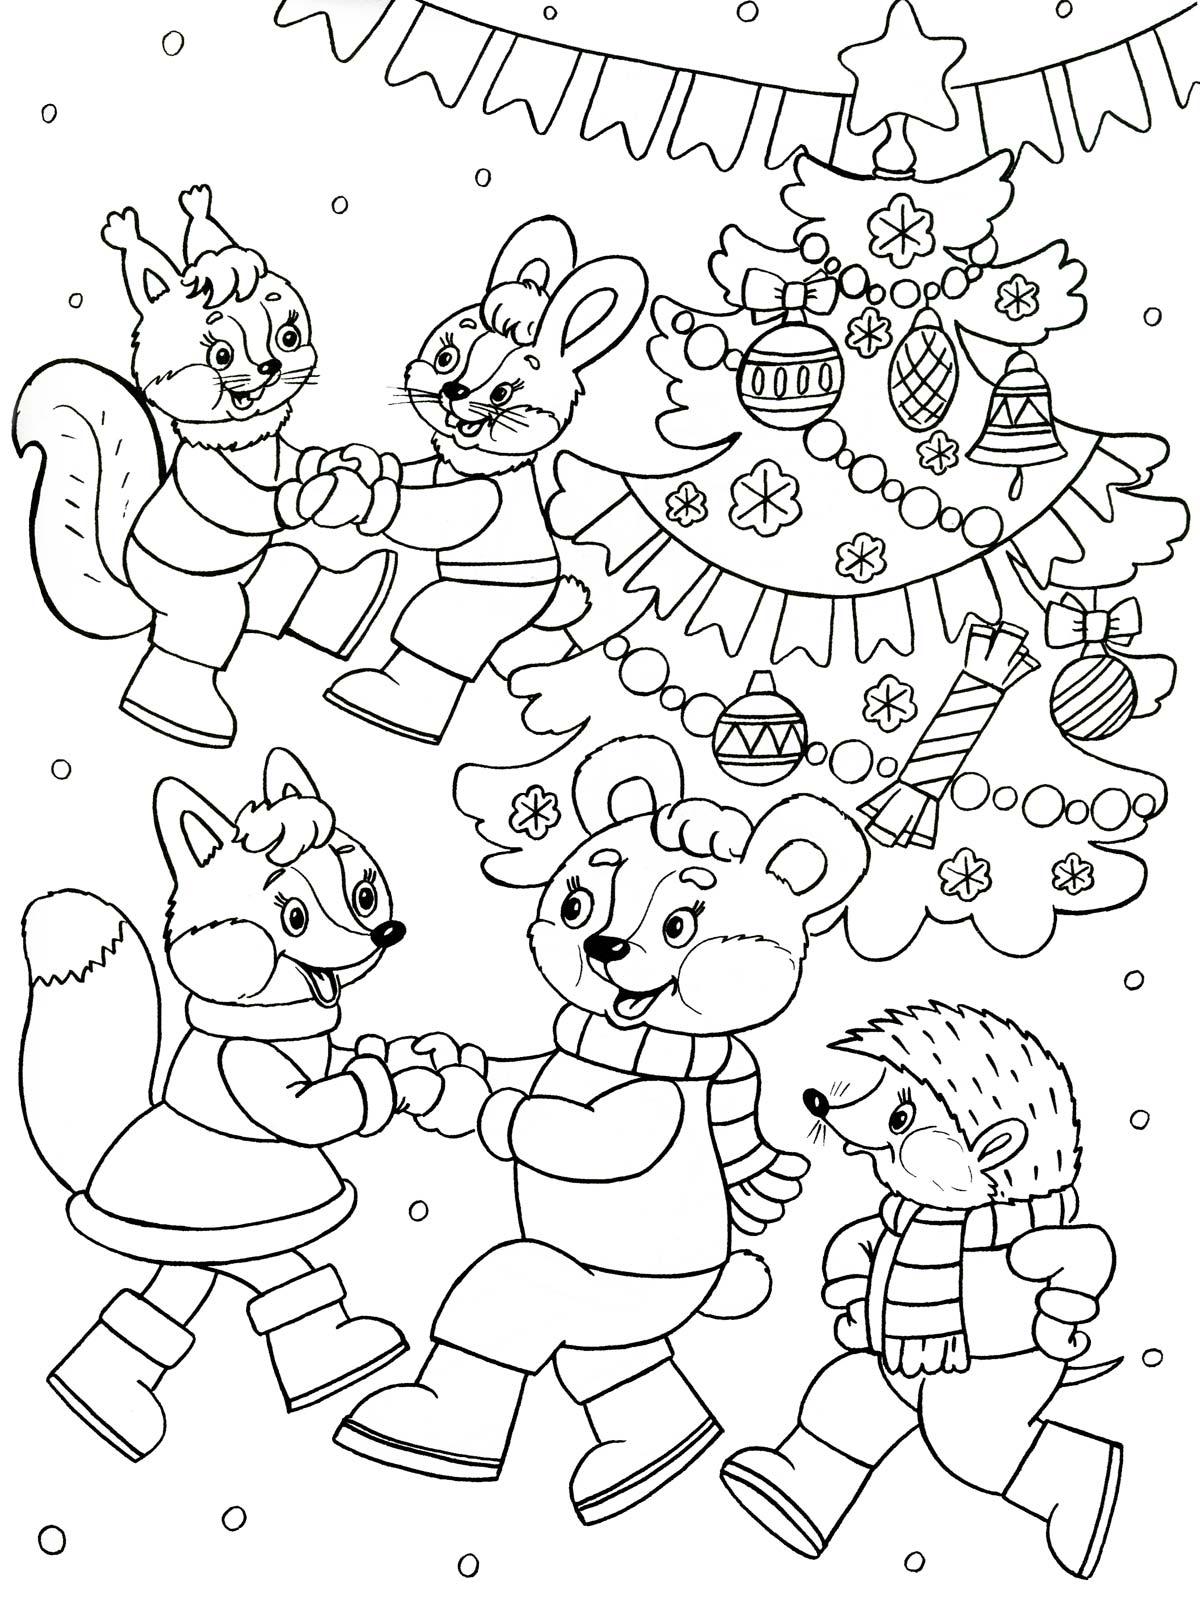 Раскраски на новый год для детей 6-7